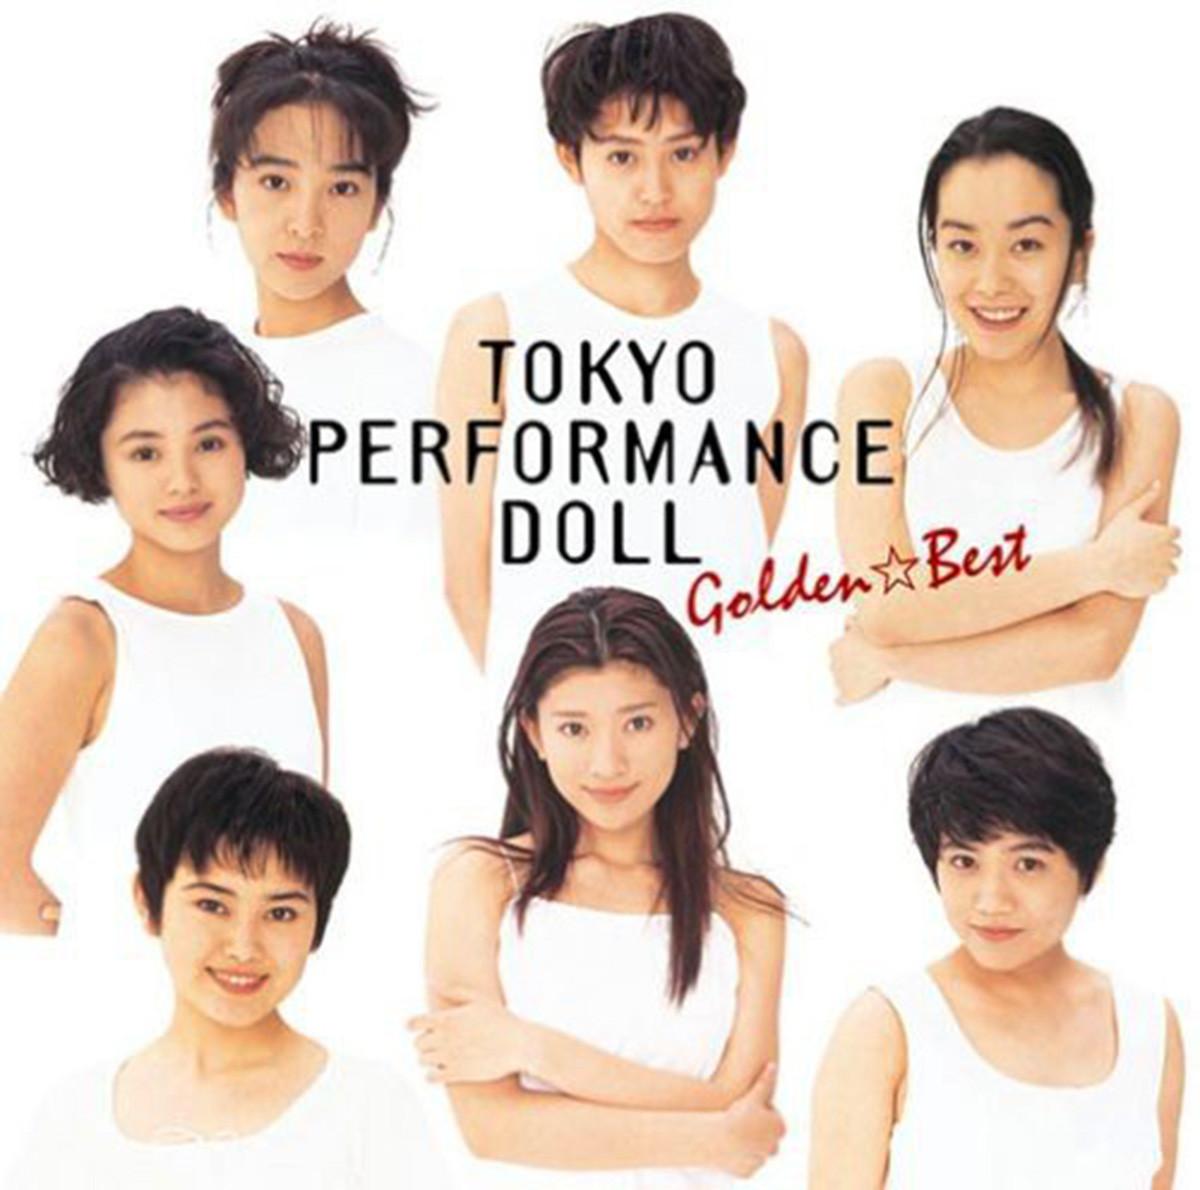 08年に発売されたアルバム「GOLDEN☆BEST」のジャケット写真